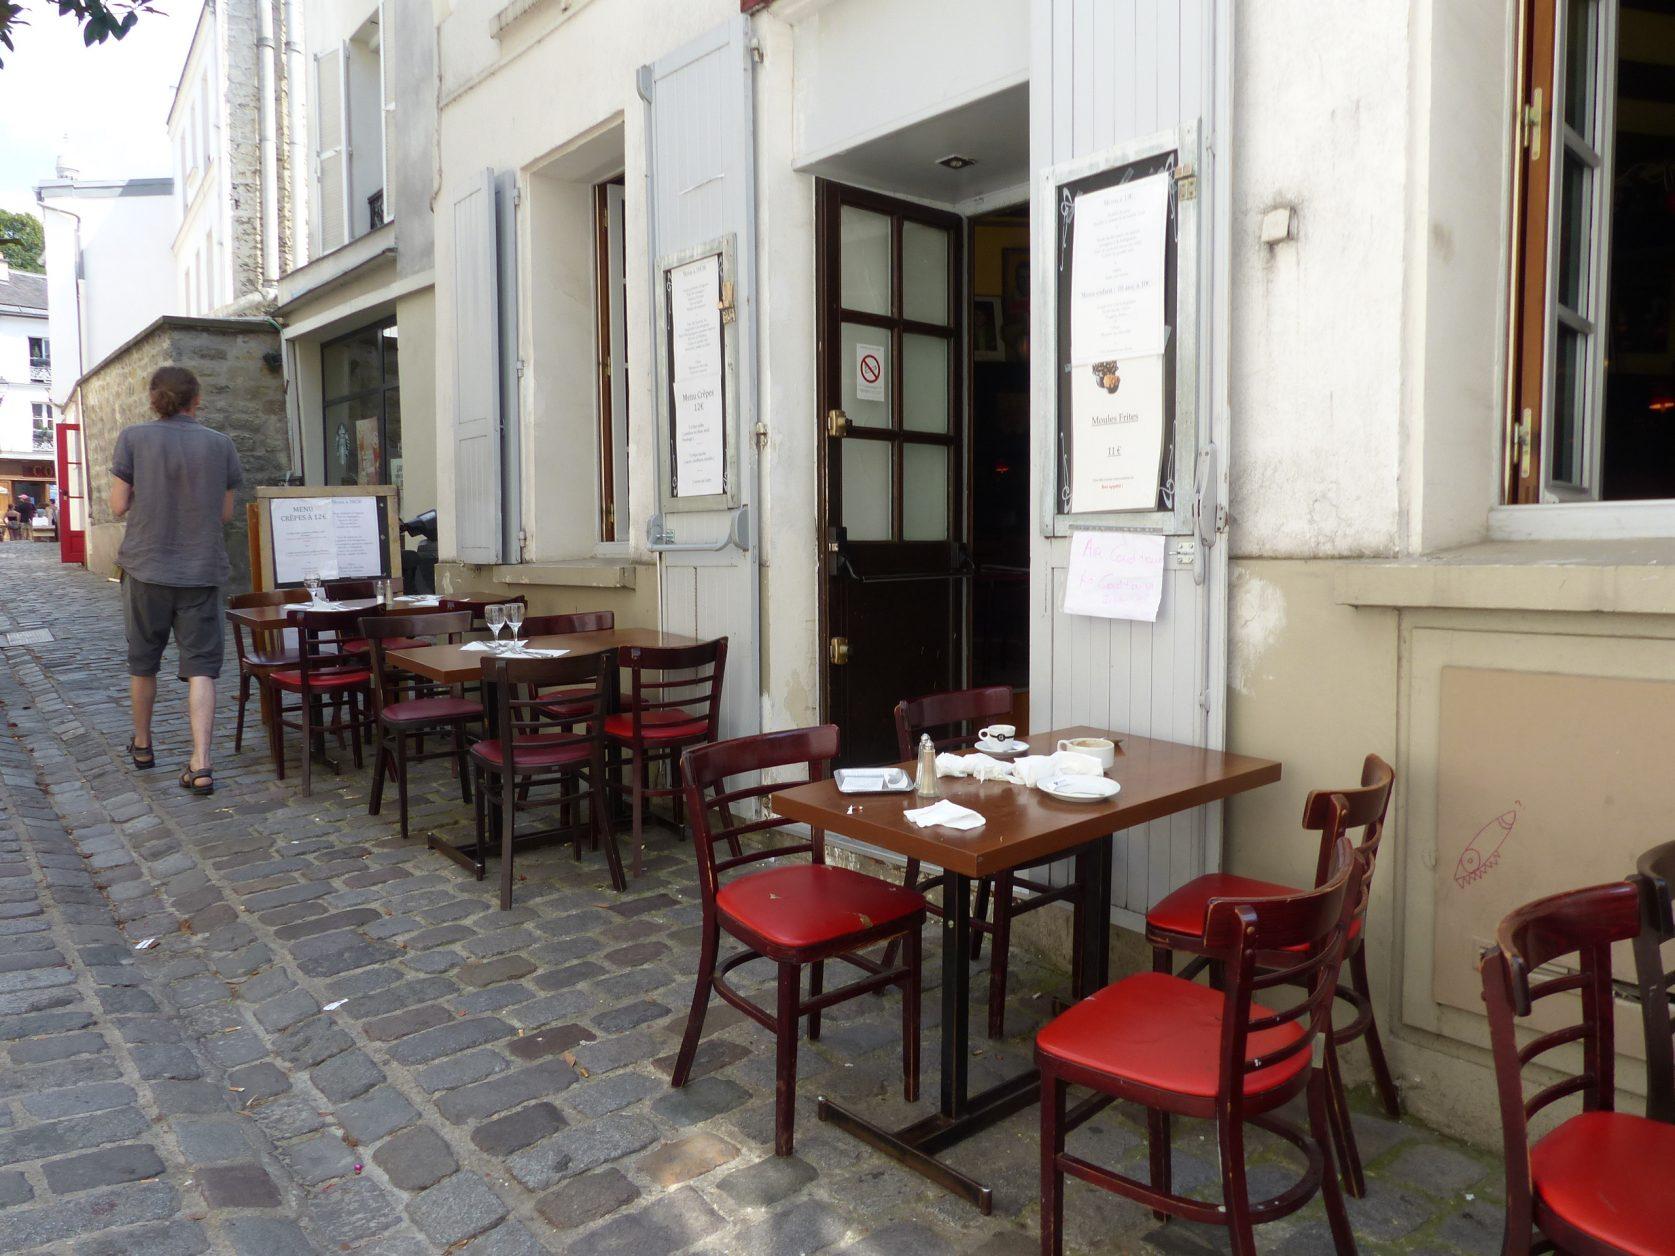 Ein Typisch Französisches Bistro Hat Einen Kachelboden, Eine Lange Theke,  Karrierte Tischdecken Und Spiegel An Den Wänden. Mittags Gibt Es Ein  Schnelles ...